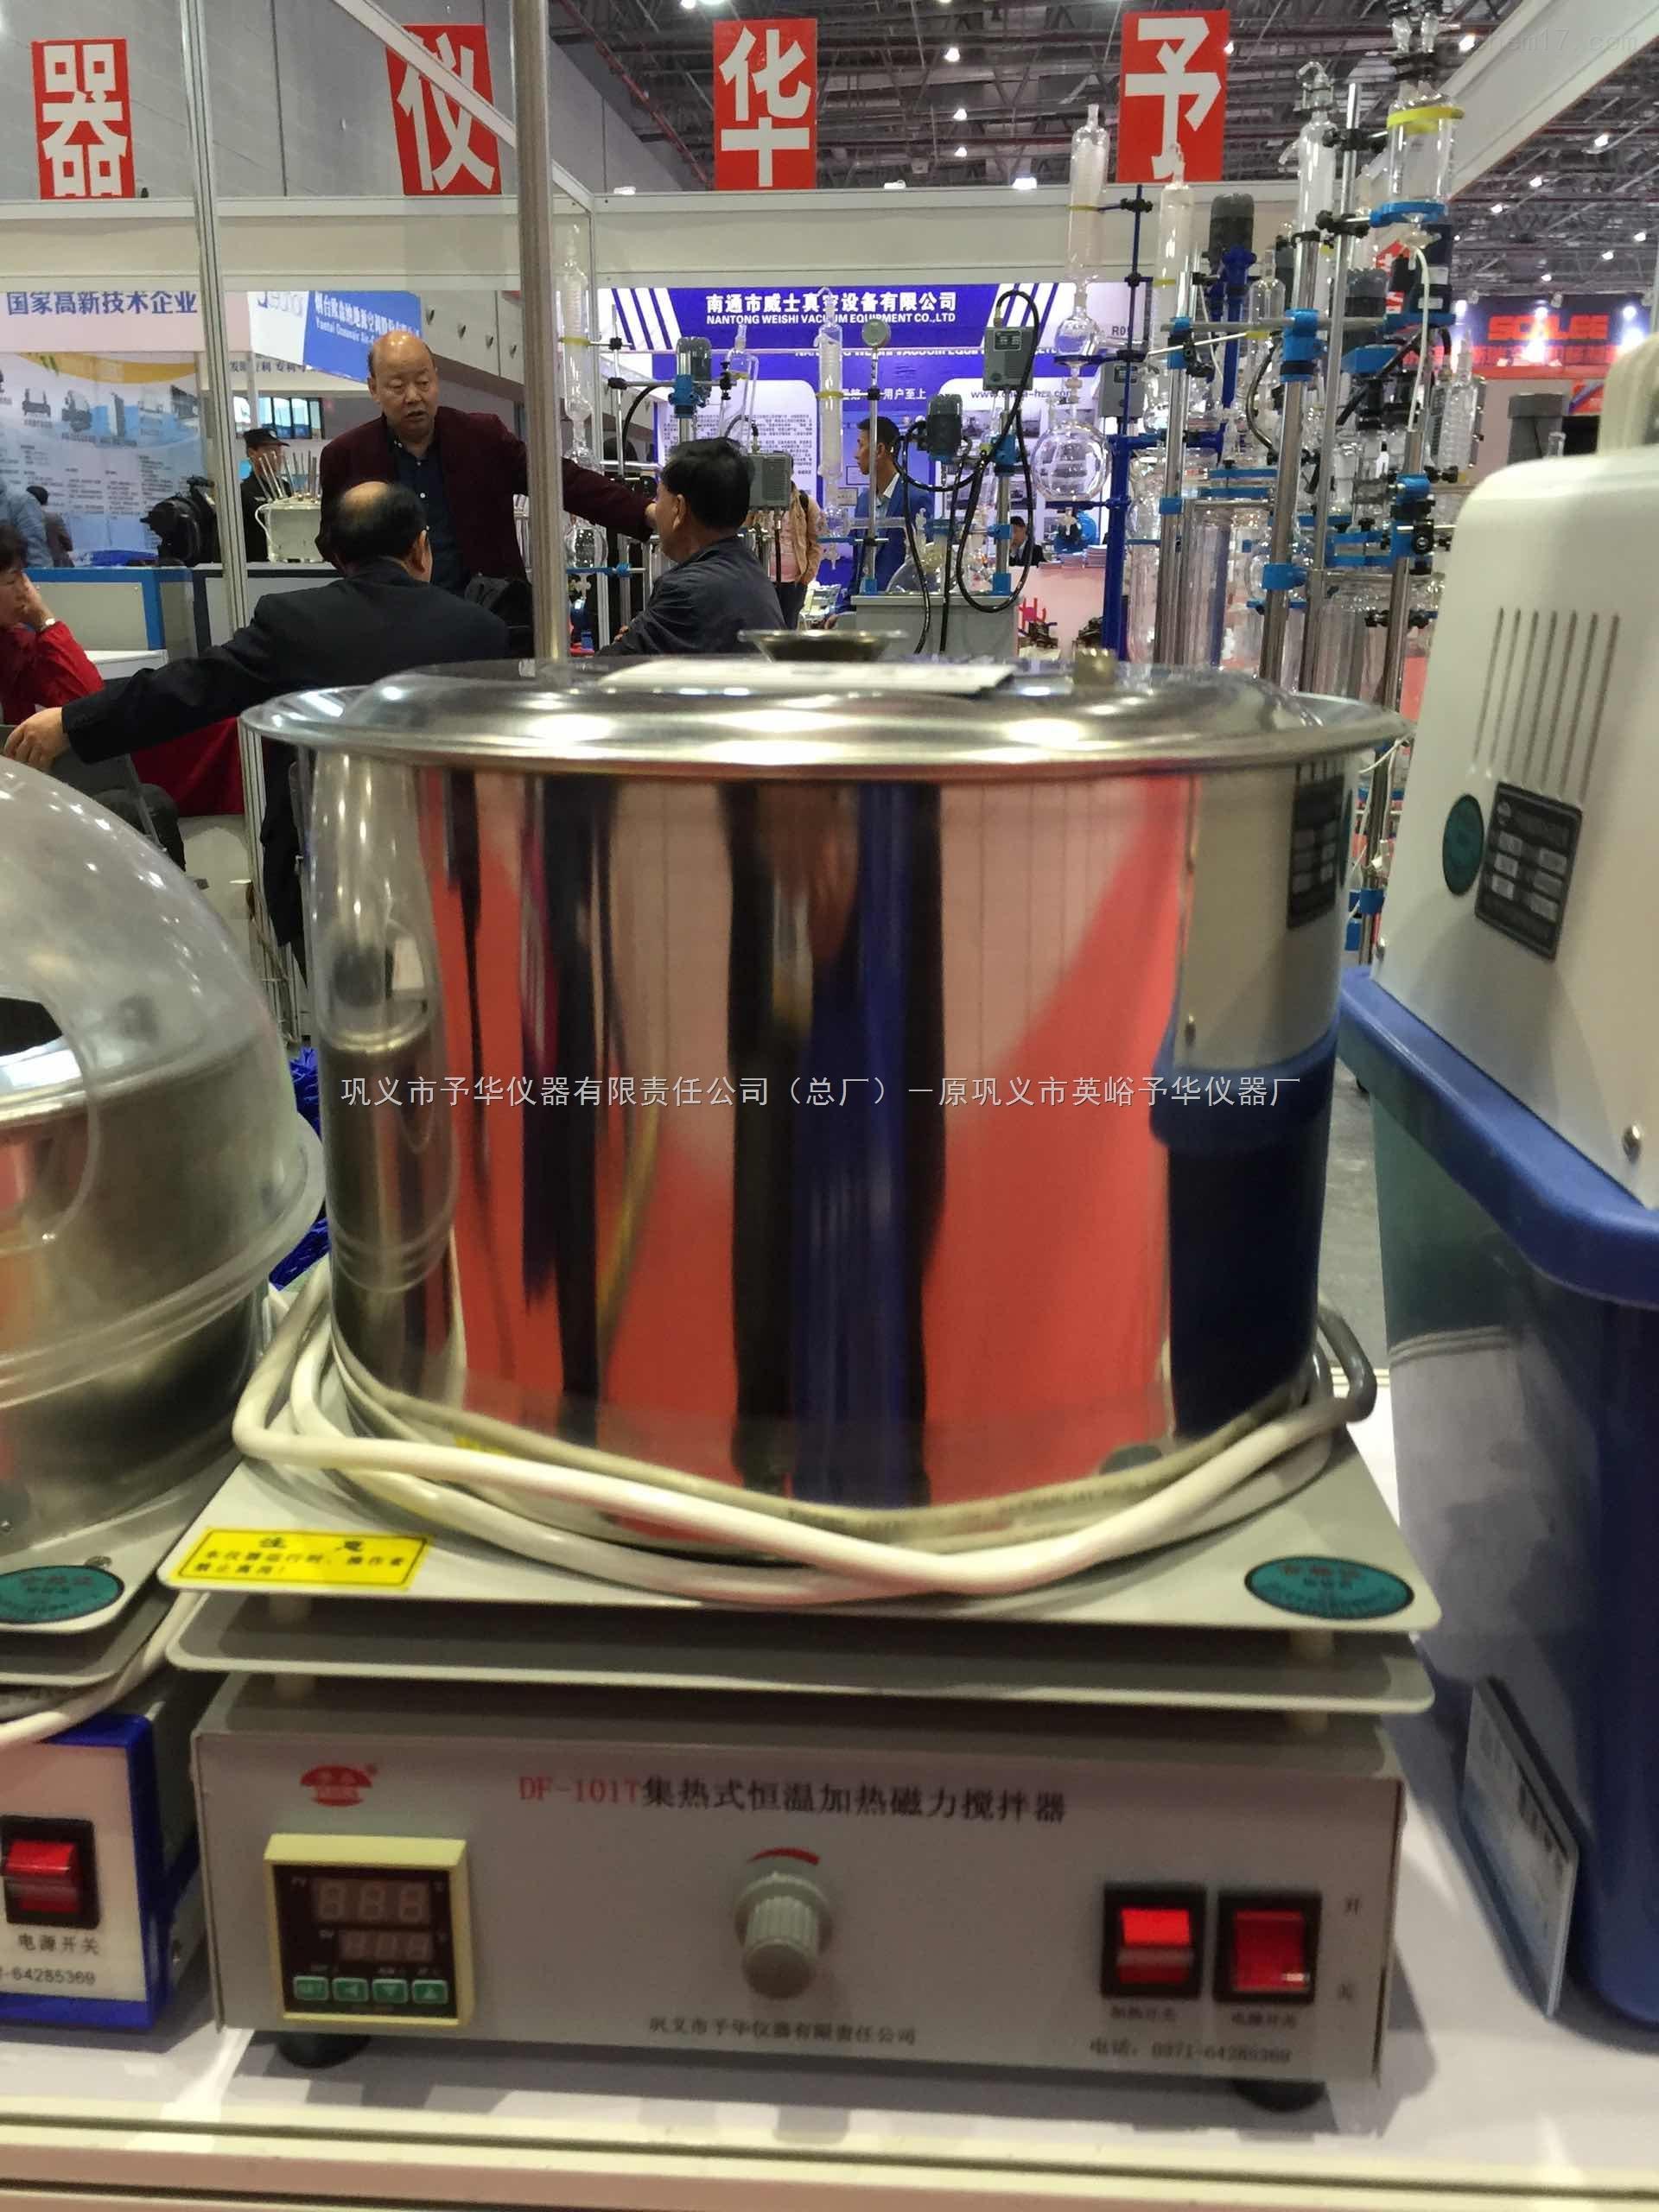 DF-101T恒温磁力搅拌器